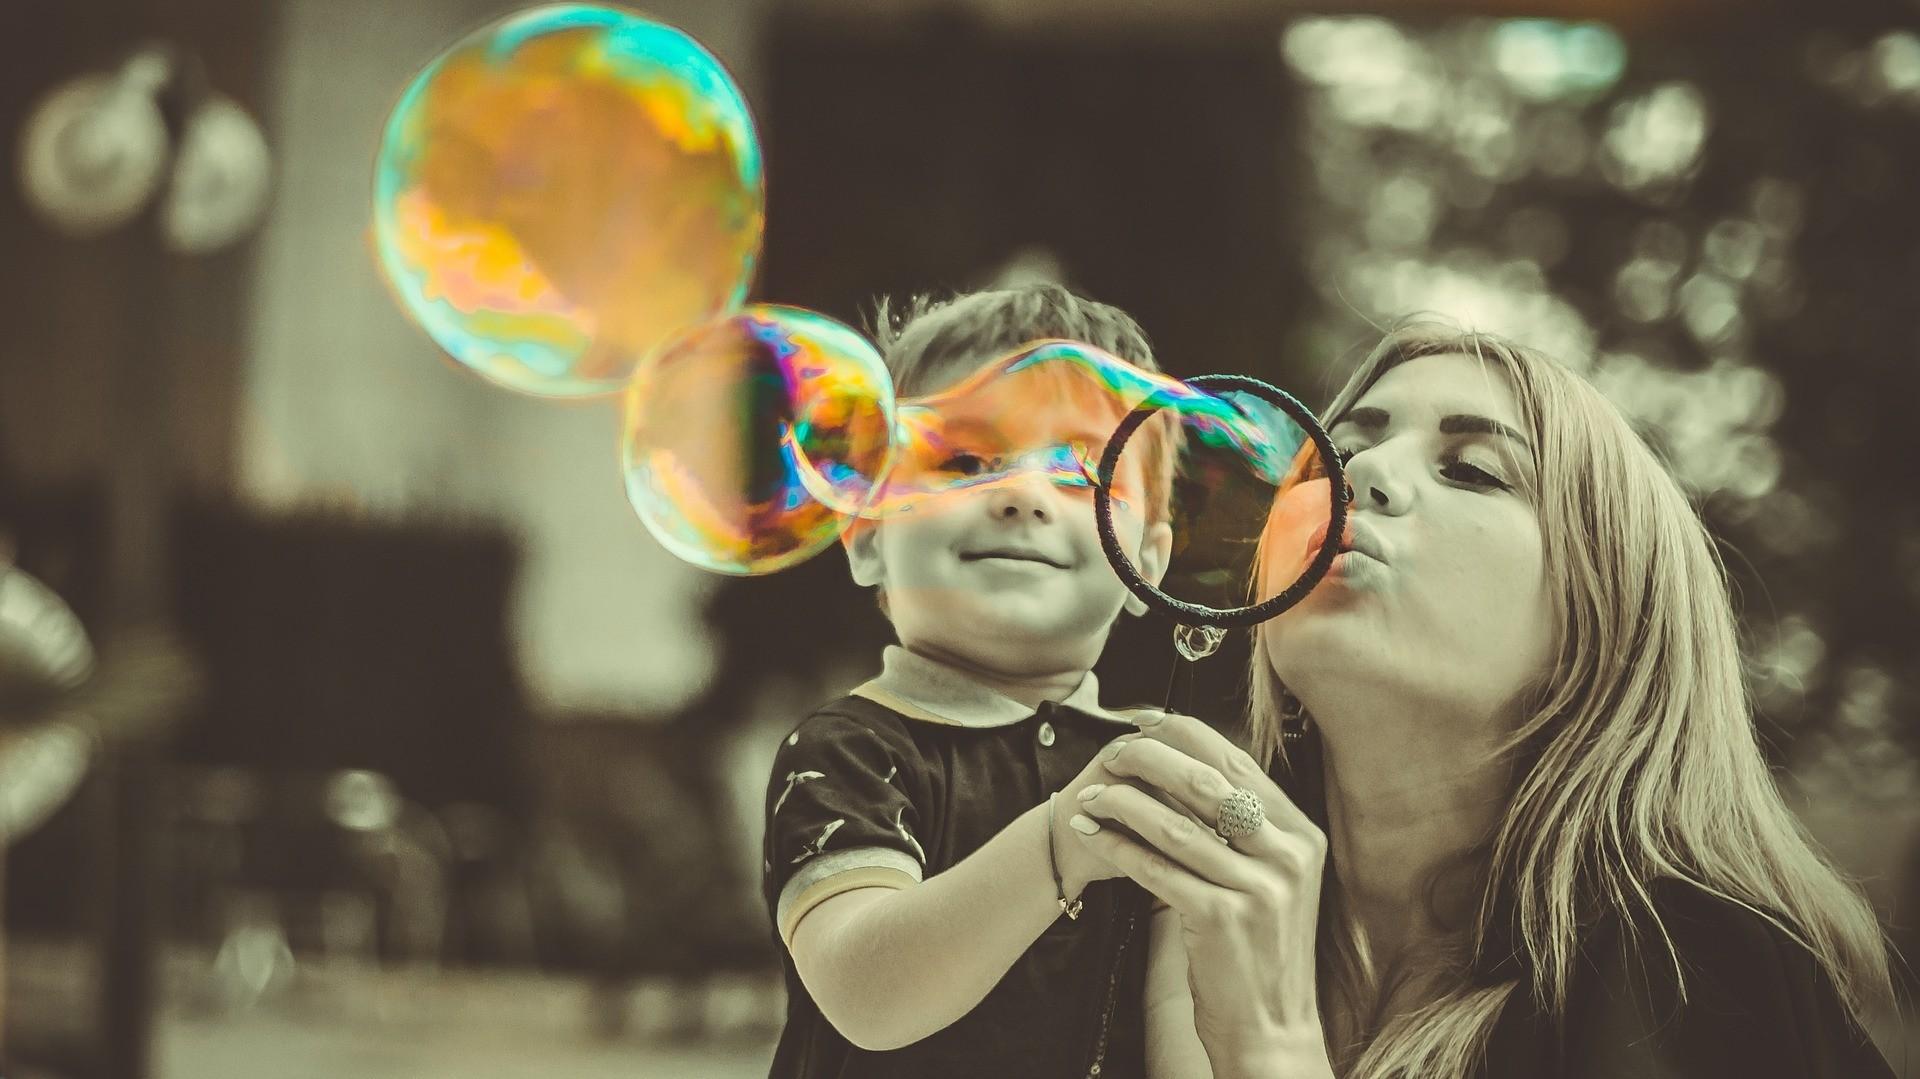 Буду ли я хорошей мамой? 3 неудобных вопроса самой себе